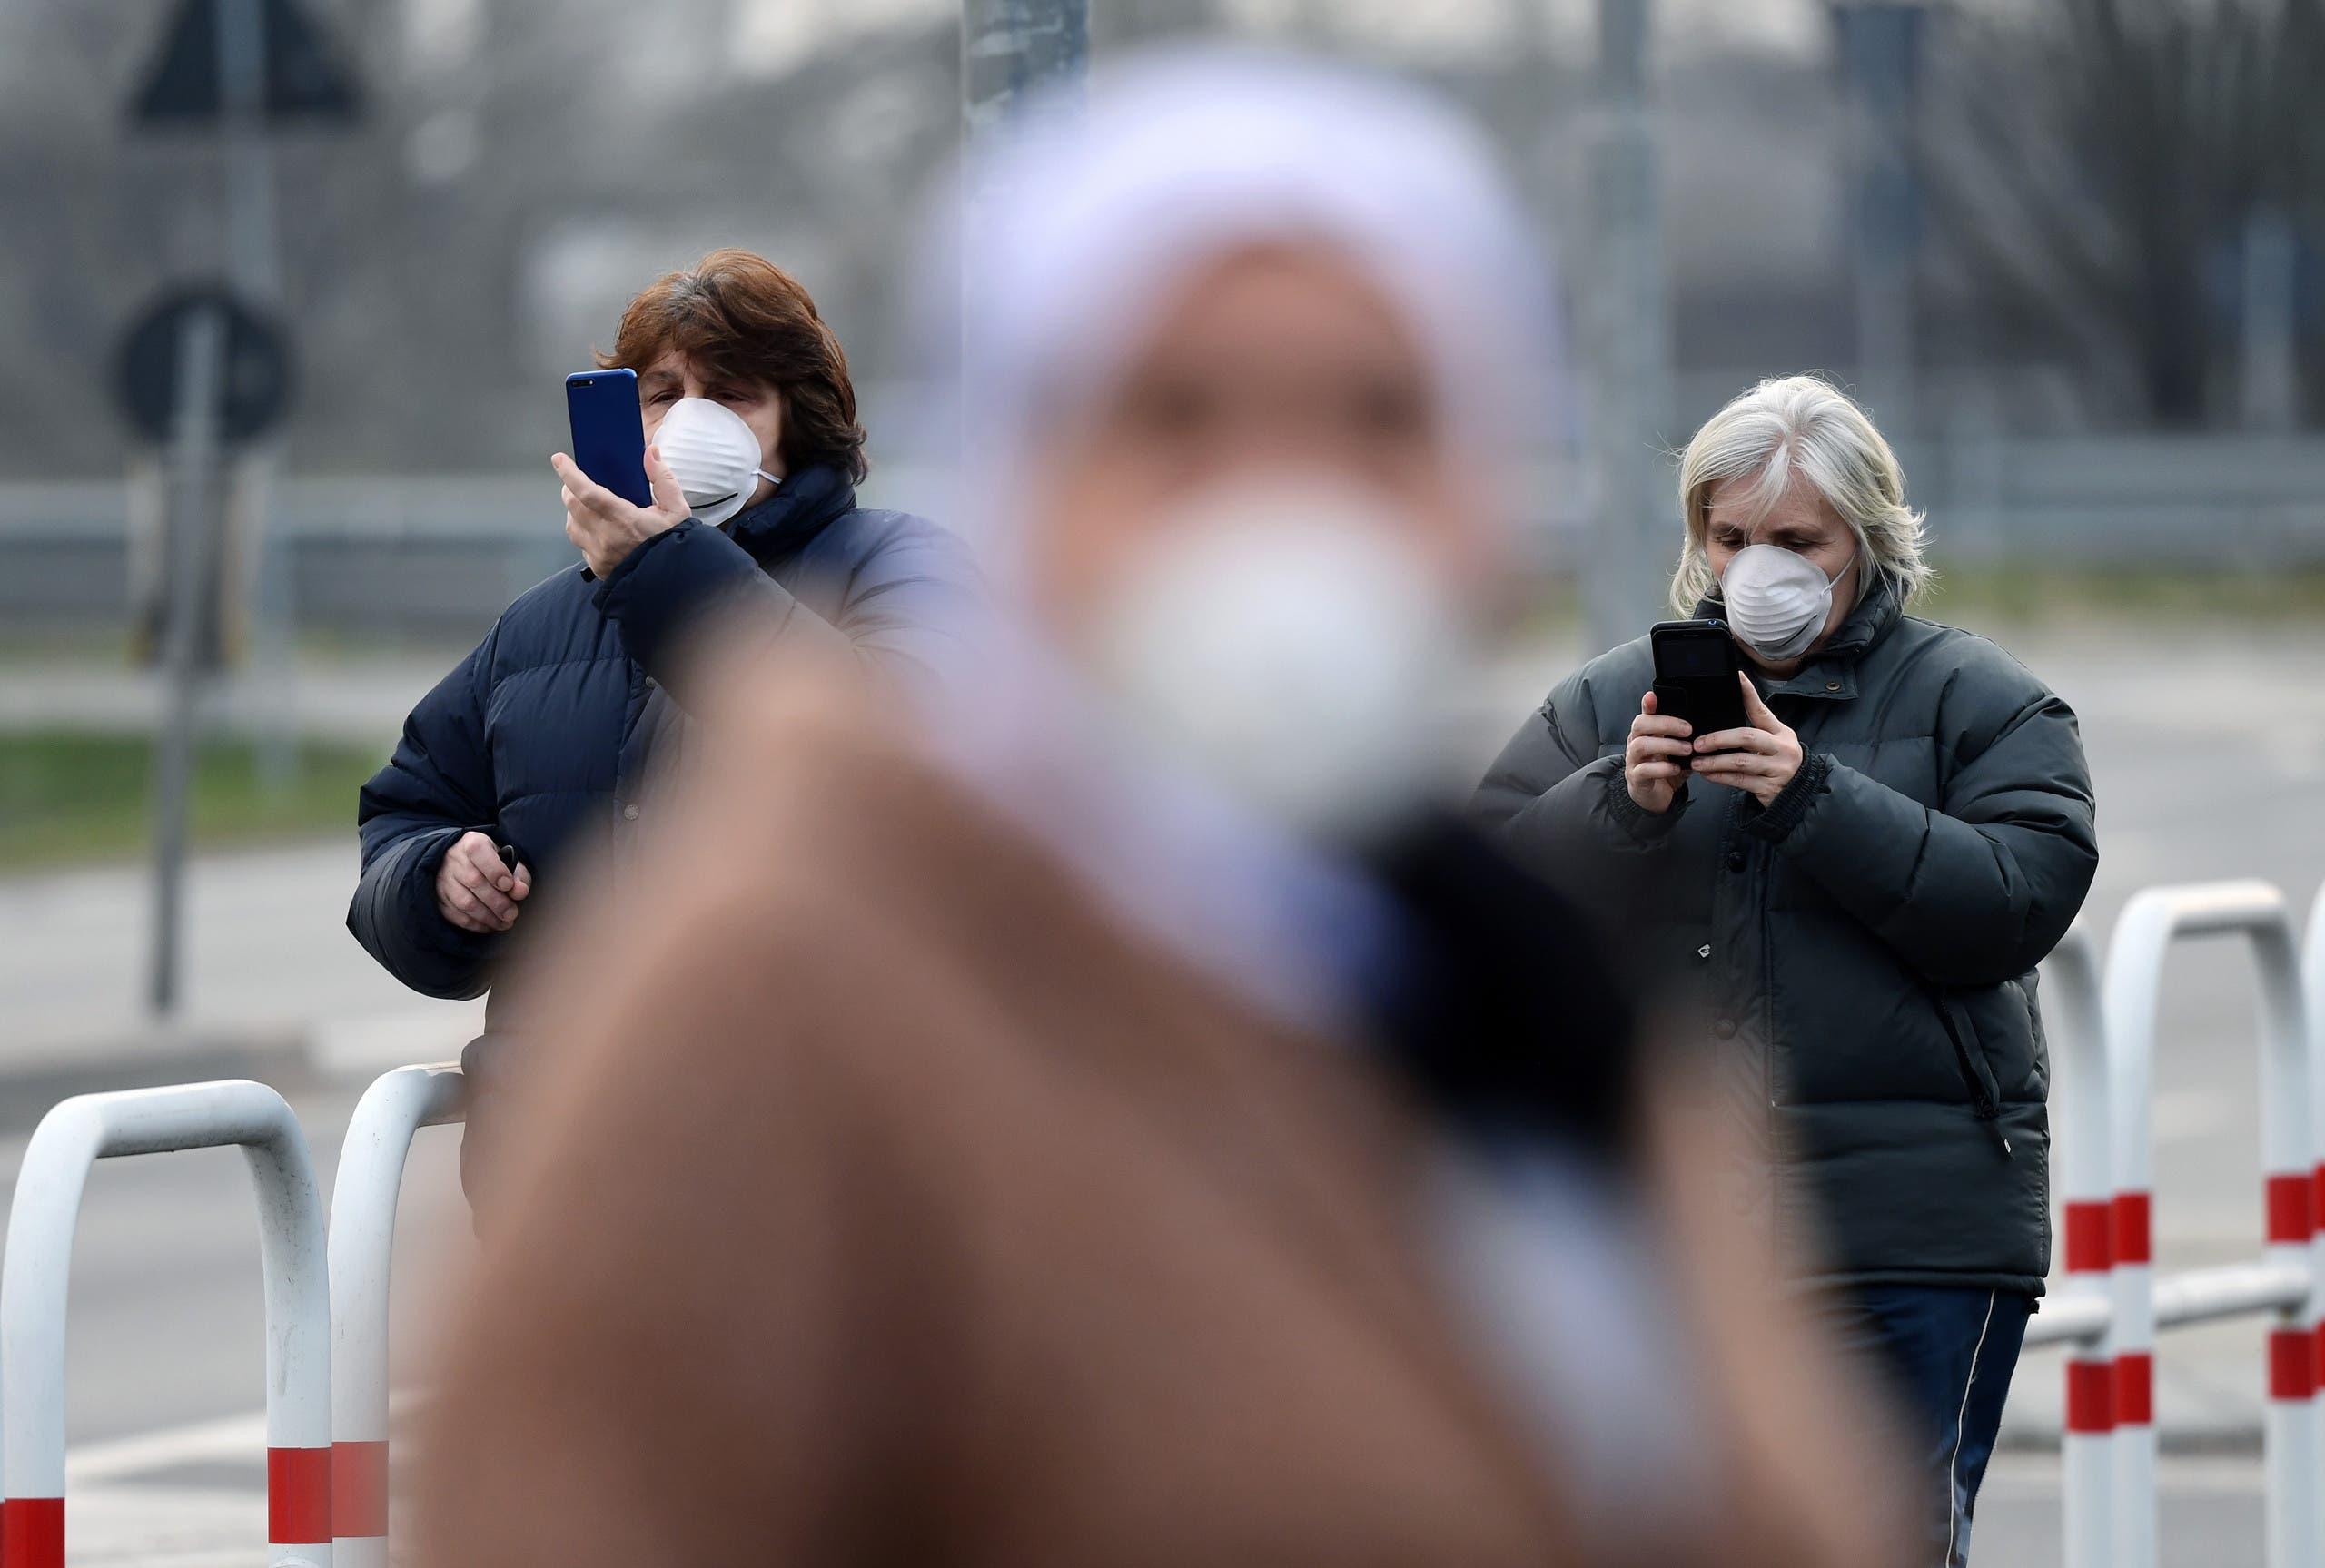 نساء في إيطاليا تضعن كمامات للوقاية من فيروس كورونا